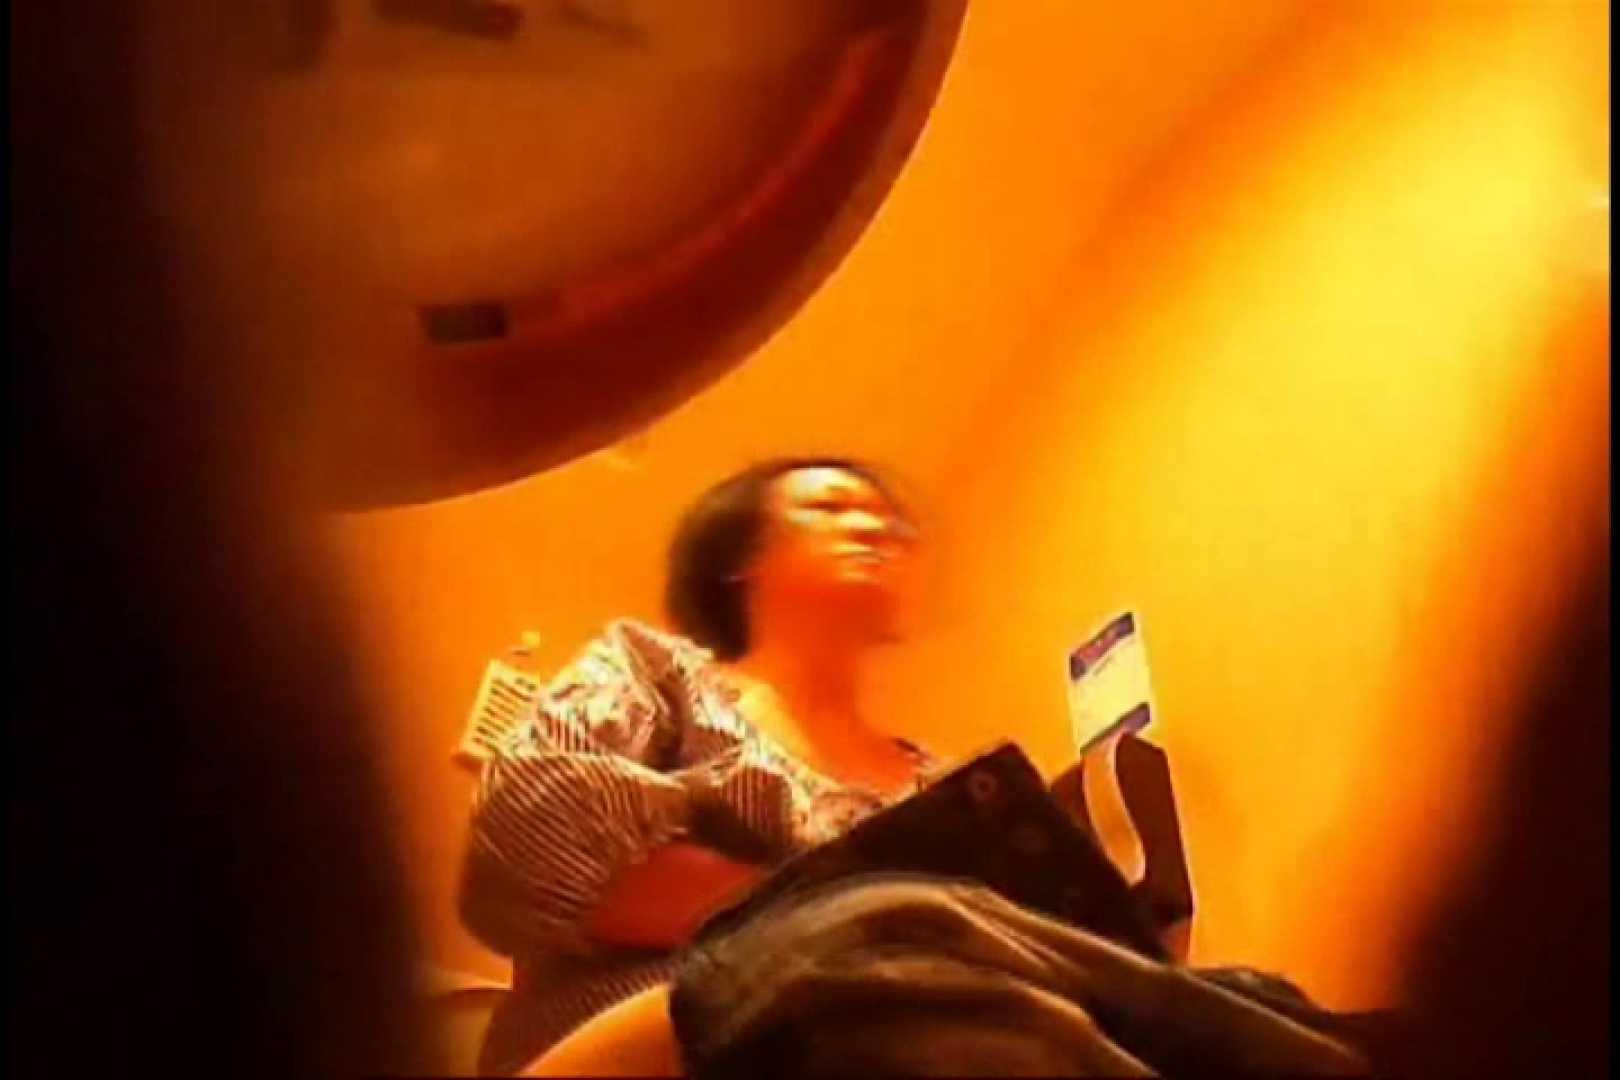 潜入!!女子化粧室盗撮~絶対見られたくない時間~vo,62 潜入 のぞき動画画像 59PICs 42